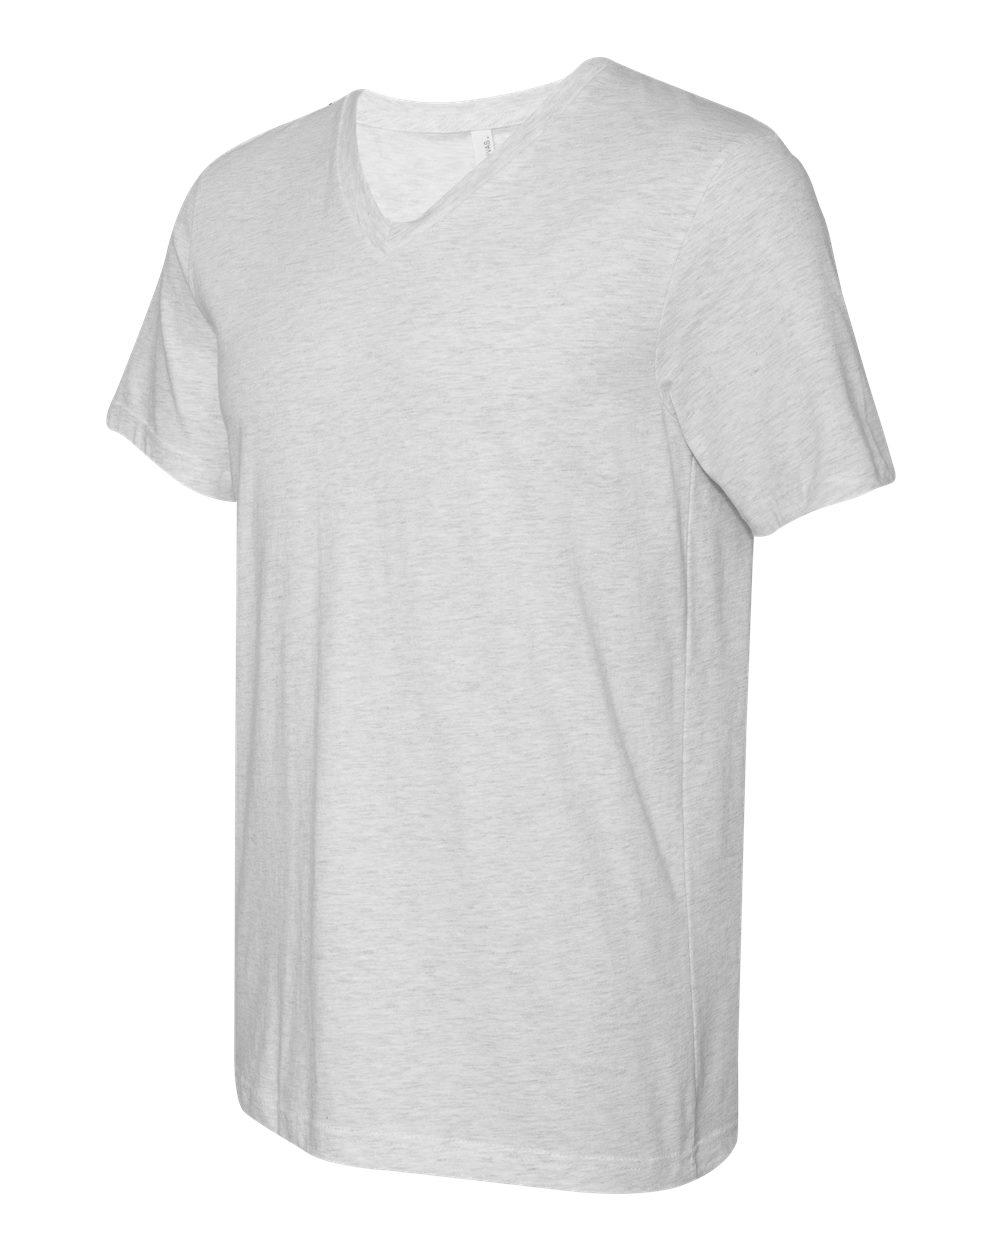 Bella-Canvas-Men-039-s-Jersey-Short-Sleeve-V-Neck-T-Shirt-3005-XS-3XL thumbnail 36